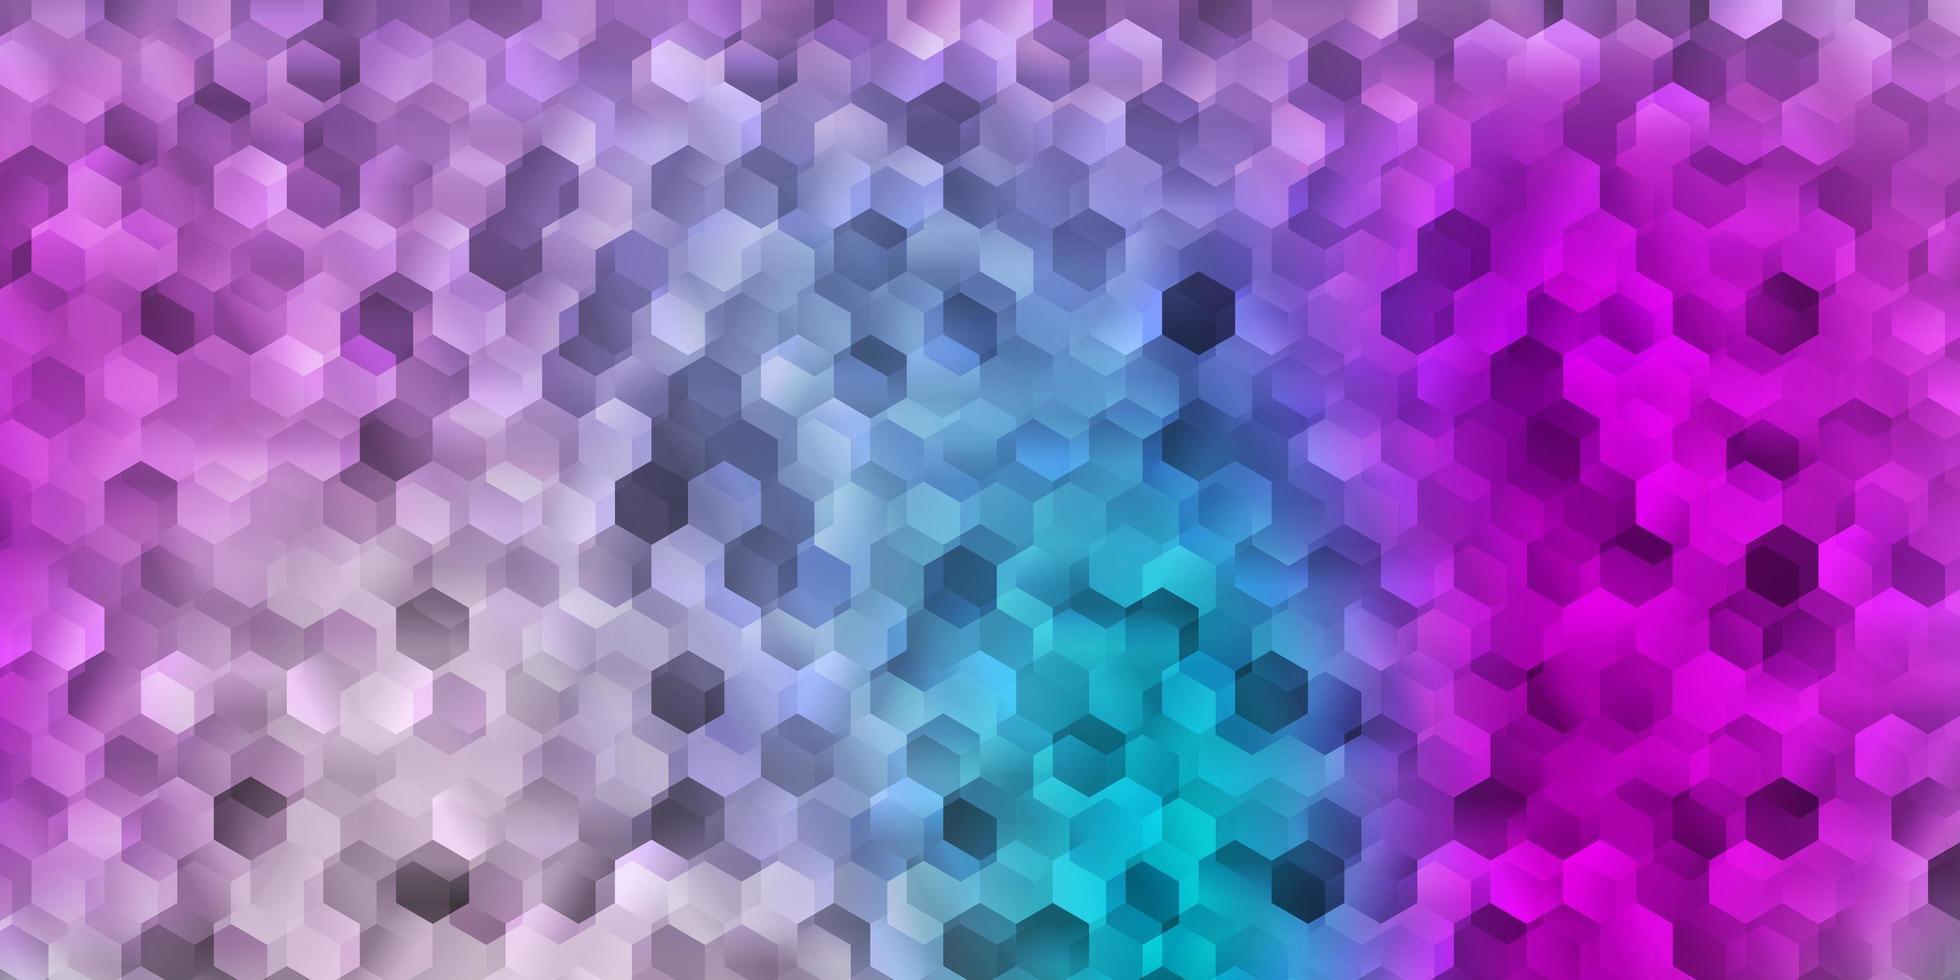 ljusrosa, blå vektorstruktur med memphis-former. vektor